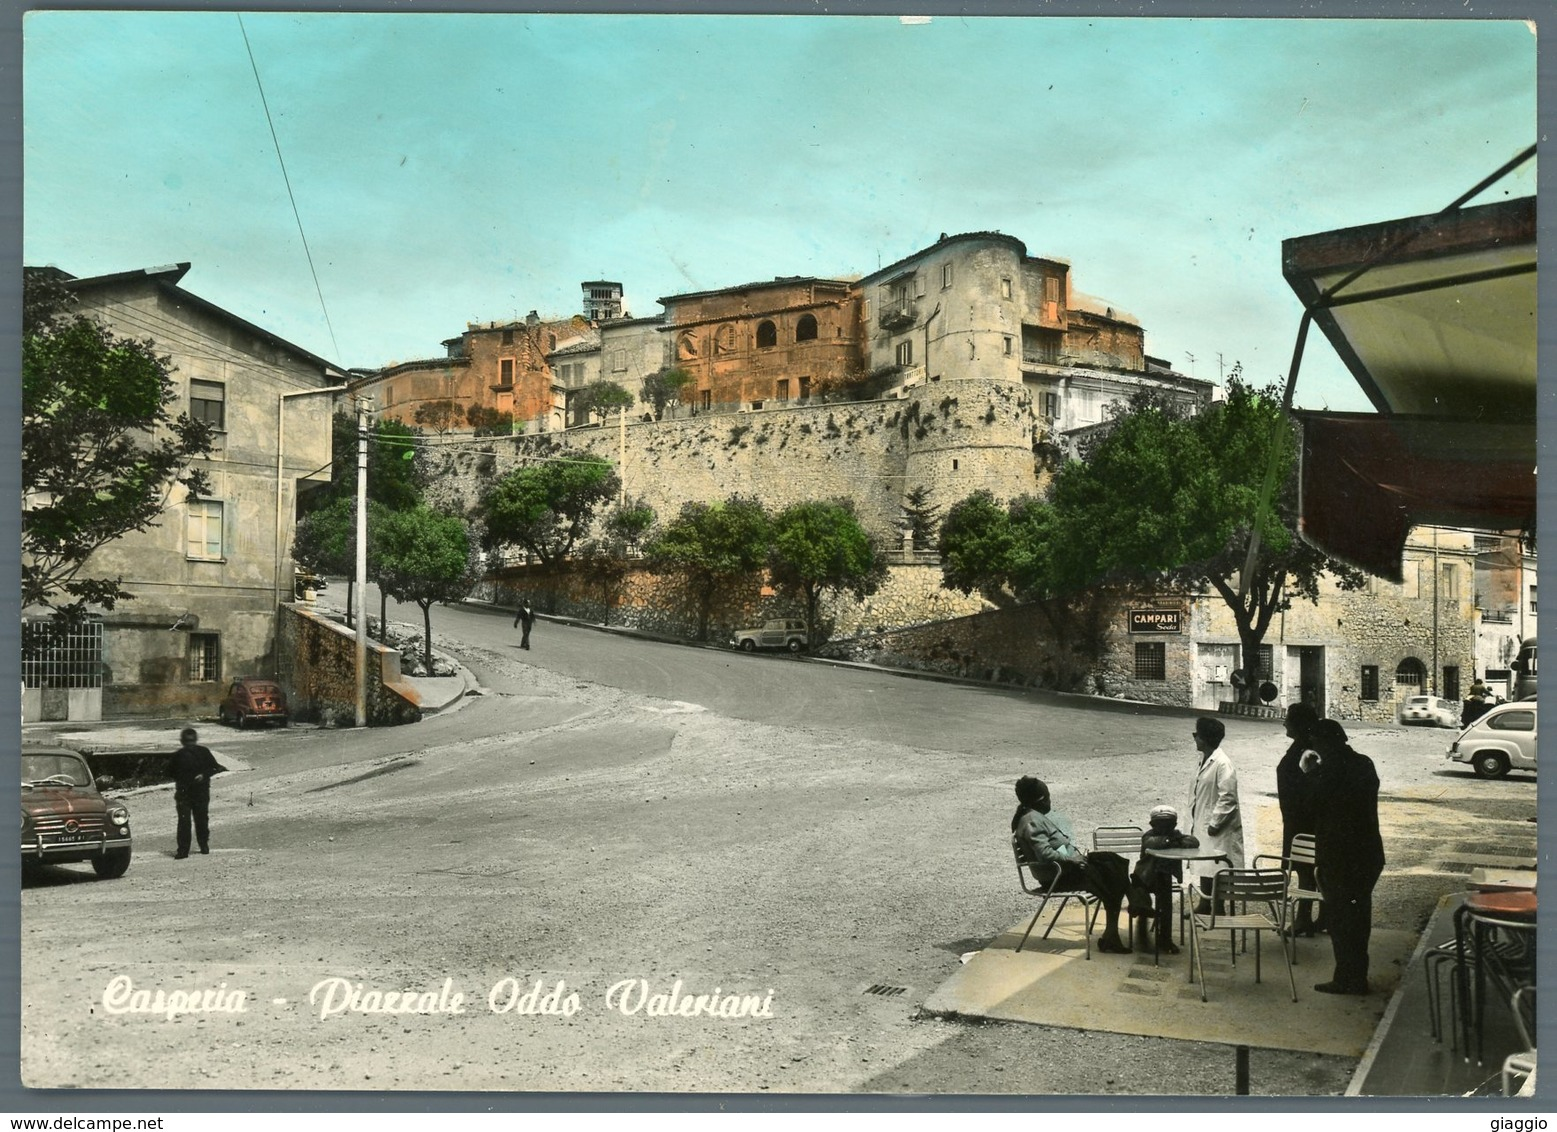 °°° Cartolina N. 38 Casperia Piazzale Oddo Valeriani Viaggiata °°° - Rieti